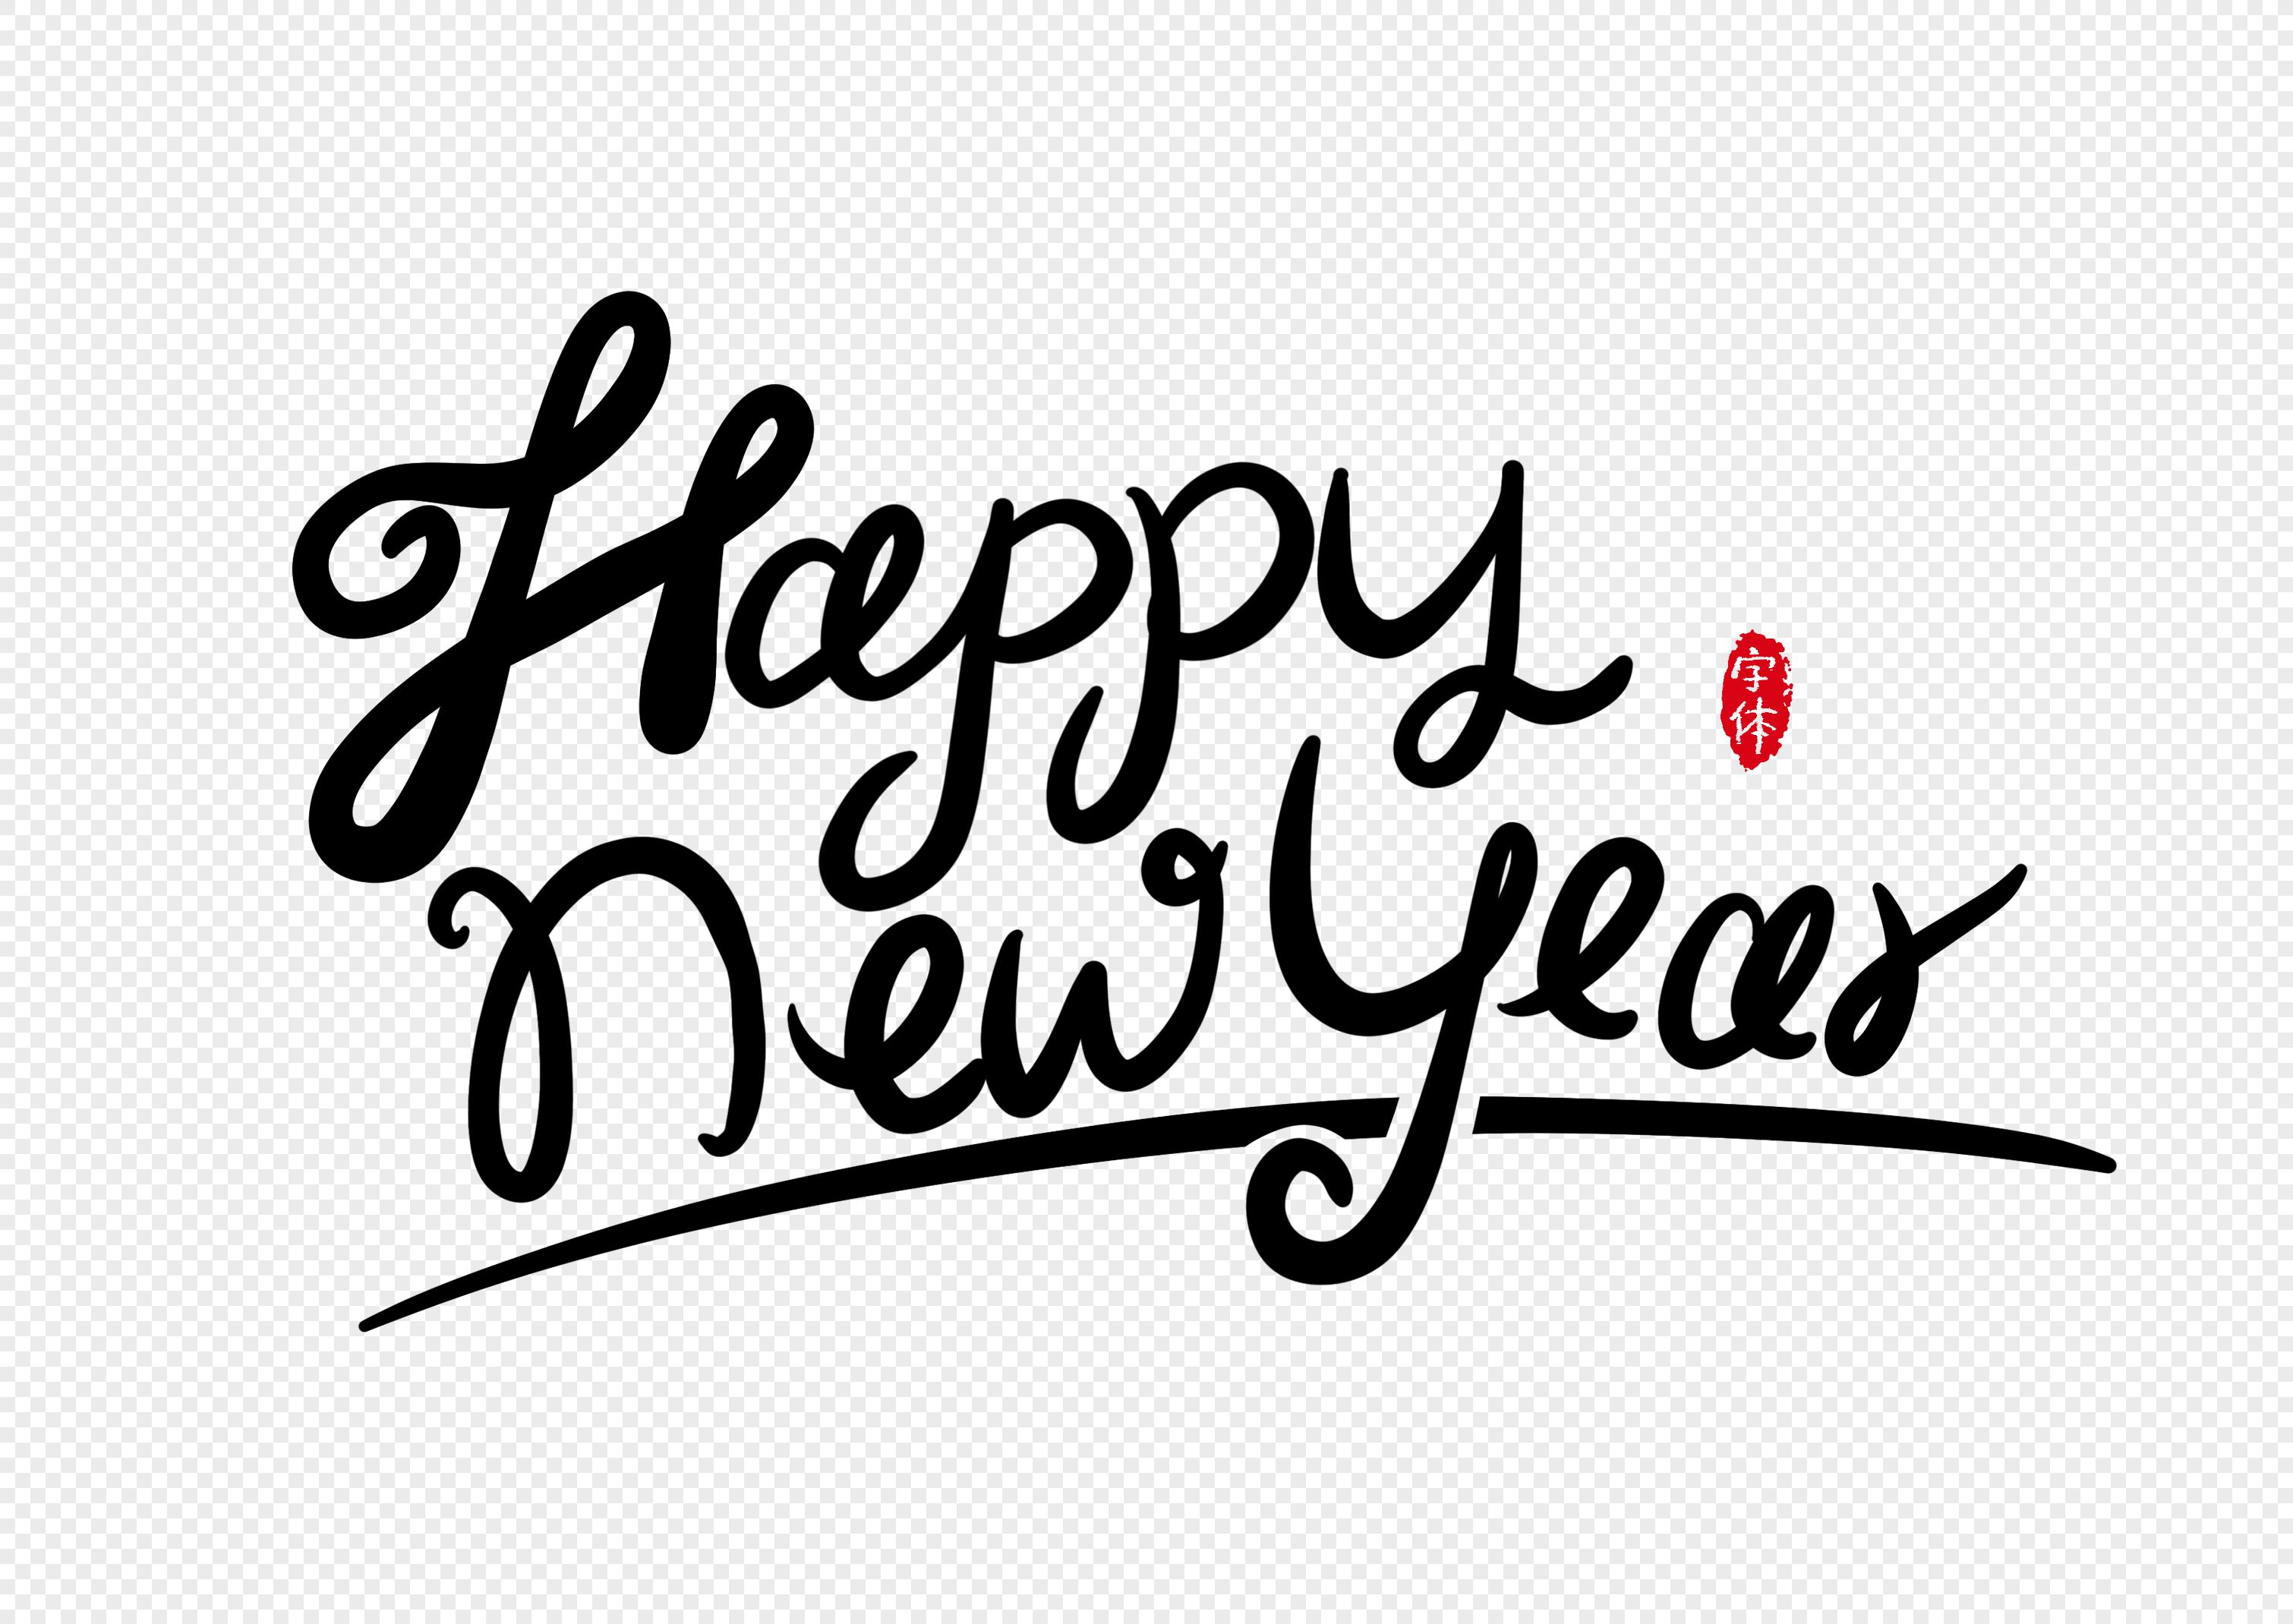 新年あけましておめでとうございます手書き英語のフォントデザインアートの言葉